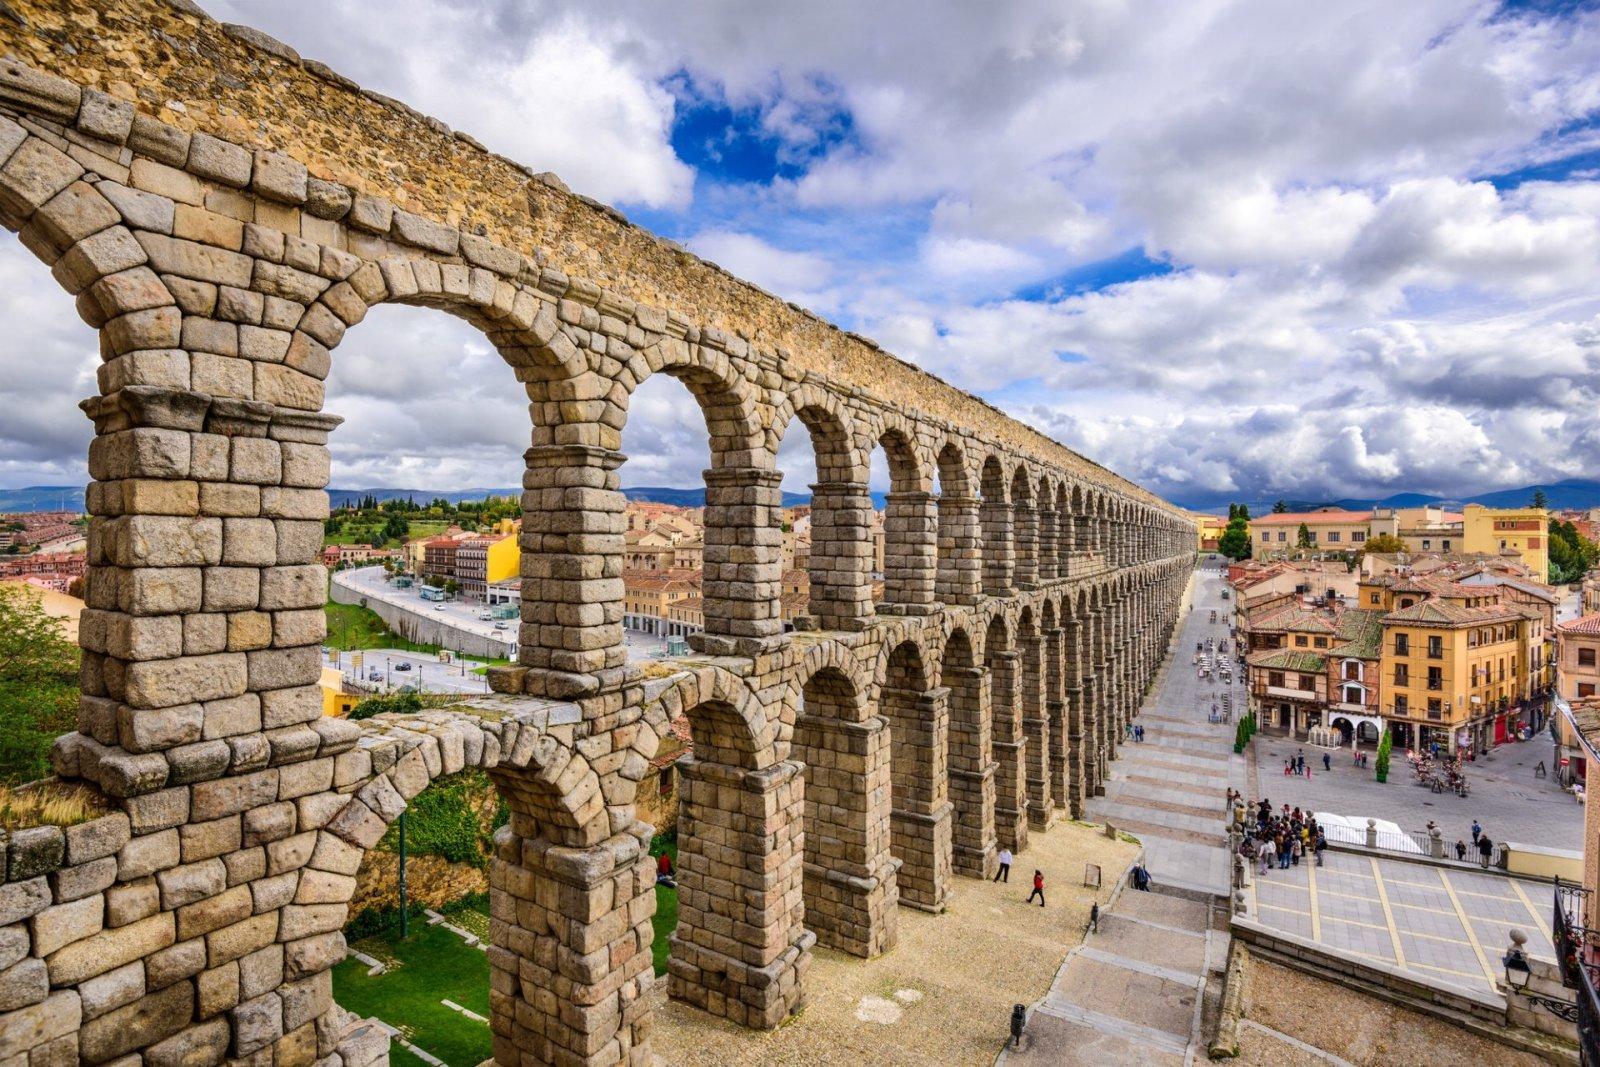 Автомобильная экскурсия из Мадрида в Сеговию. Сокровищница уникальных исторических мест